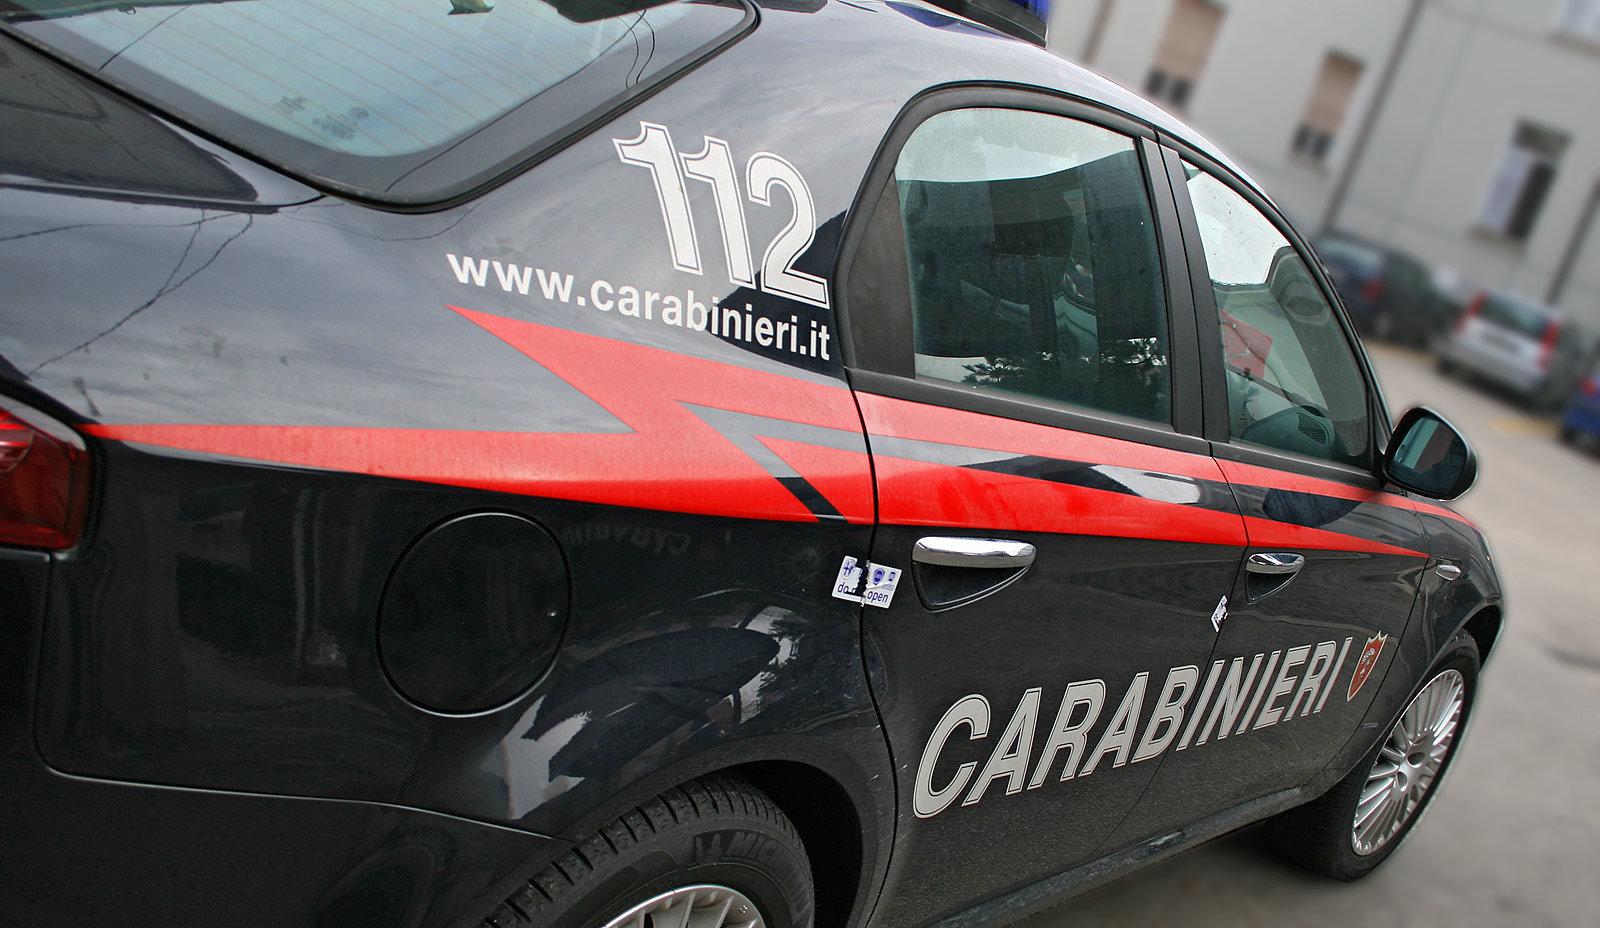 Photo of Traffico di droga nel salernitano: smantellato business da 100mila euro al mese